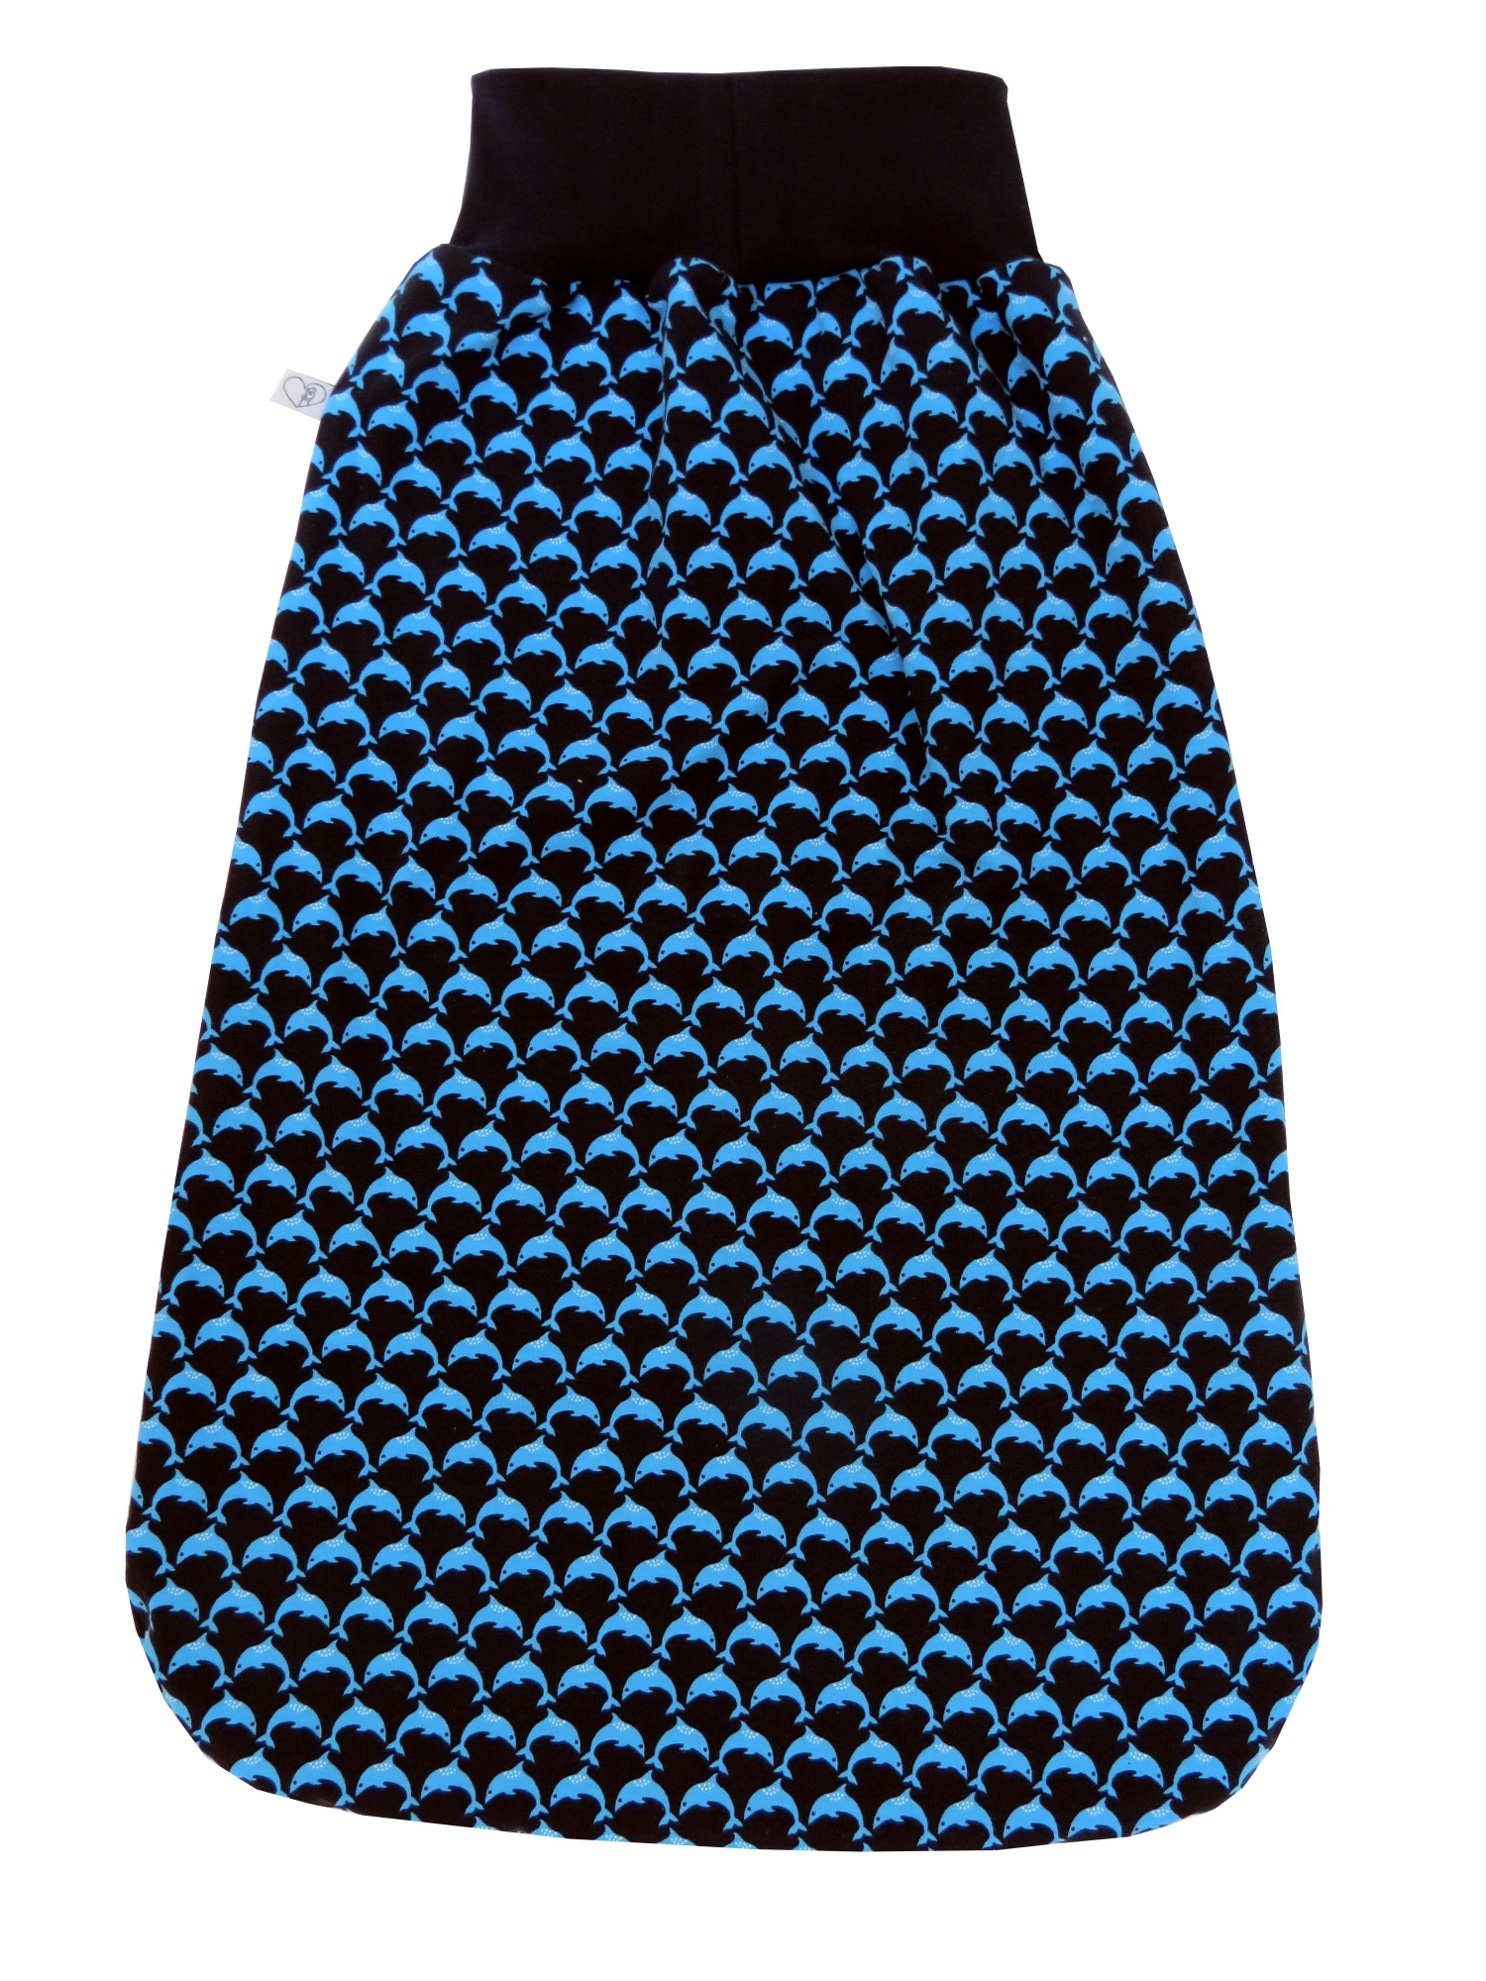 Kleinesbild - Schlafsack Delfine Fußsack Pucksack in blau mit Delfinen